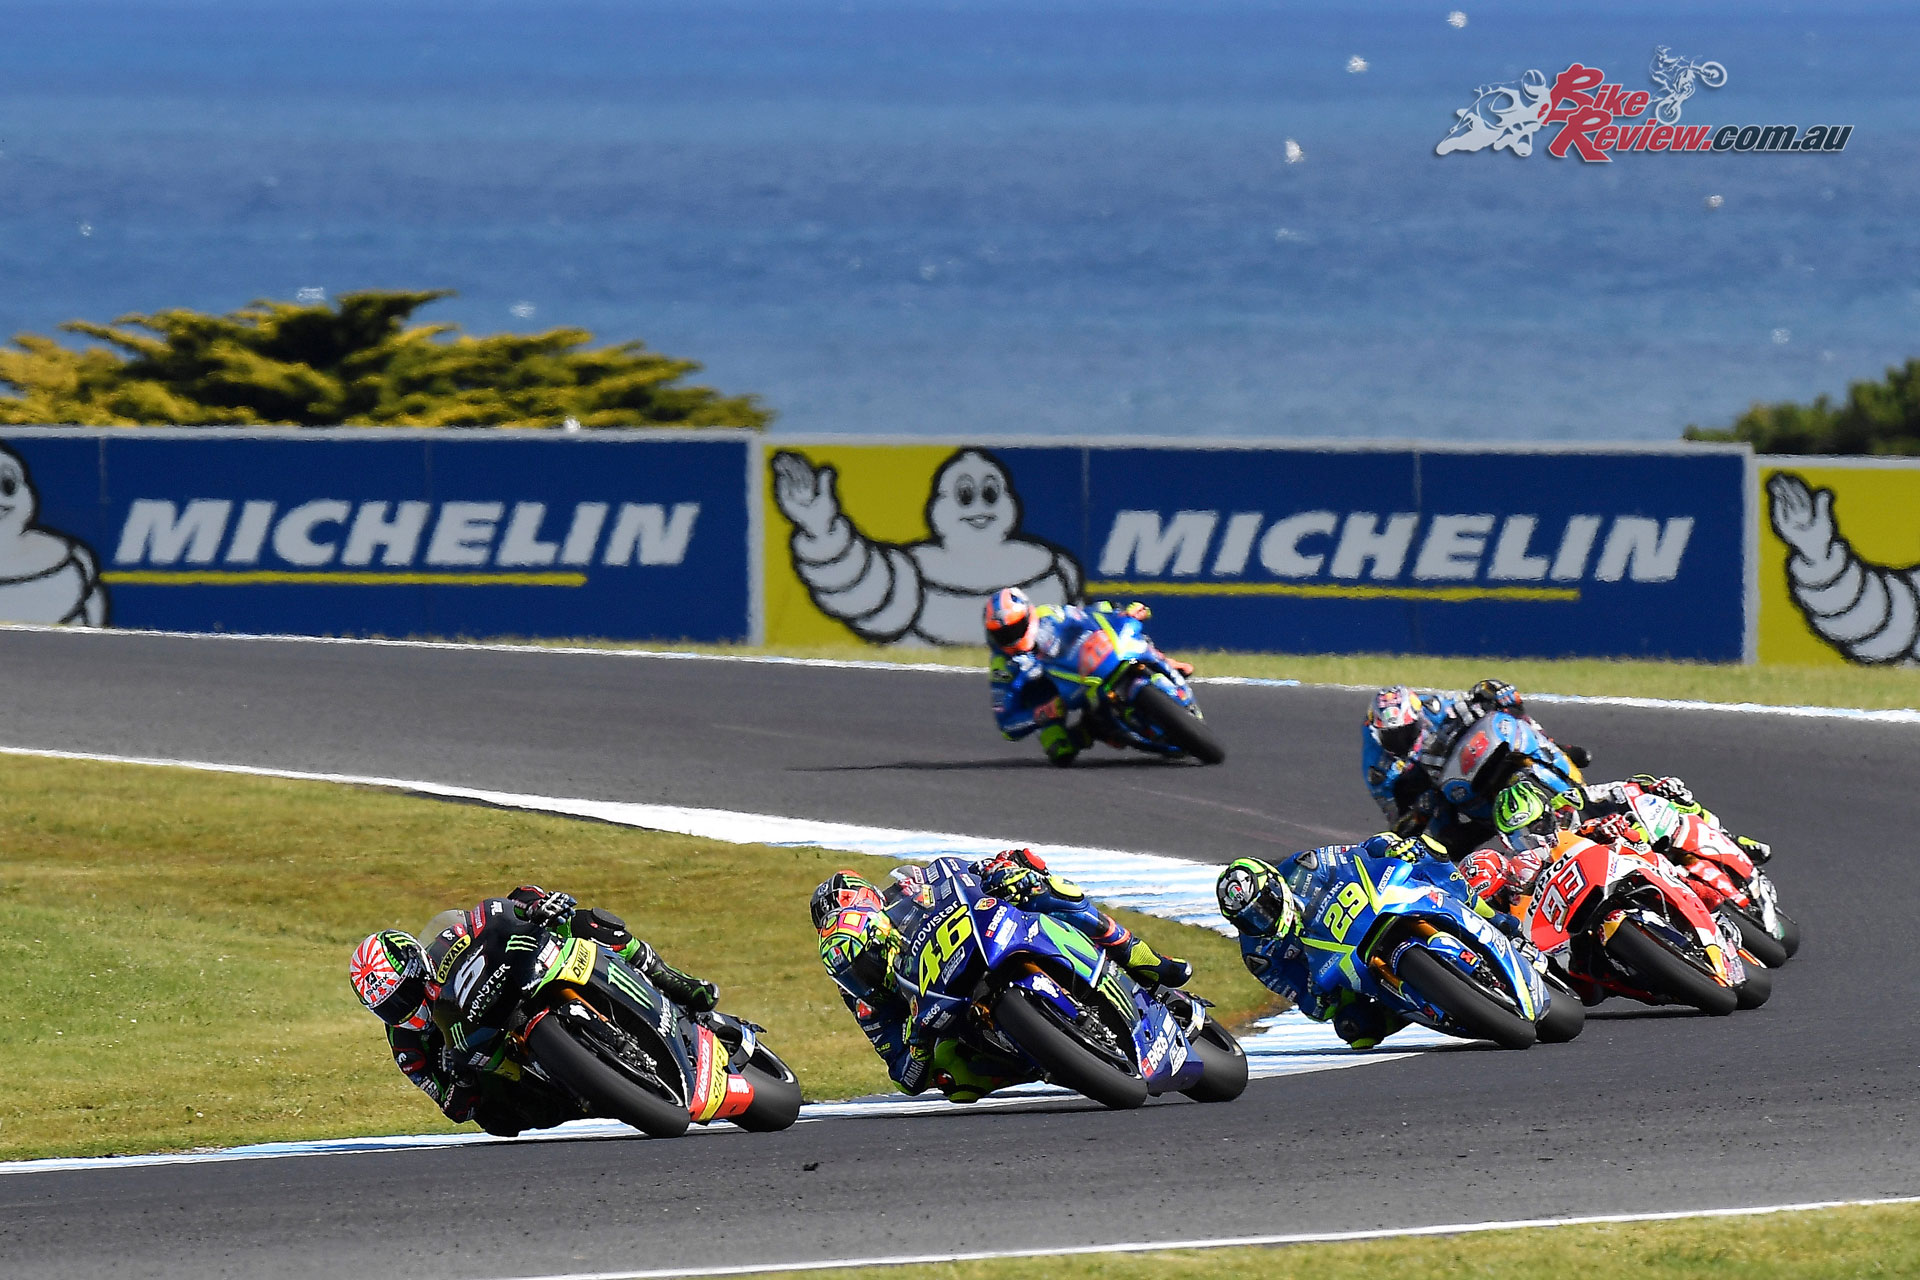 Phillip Island - MotoGP 2018